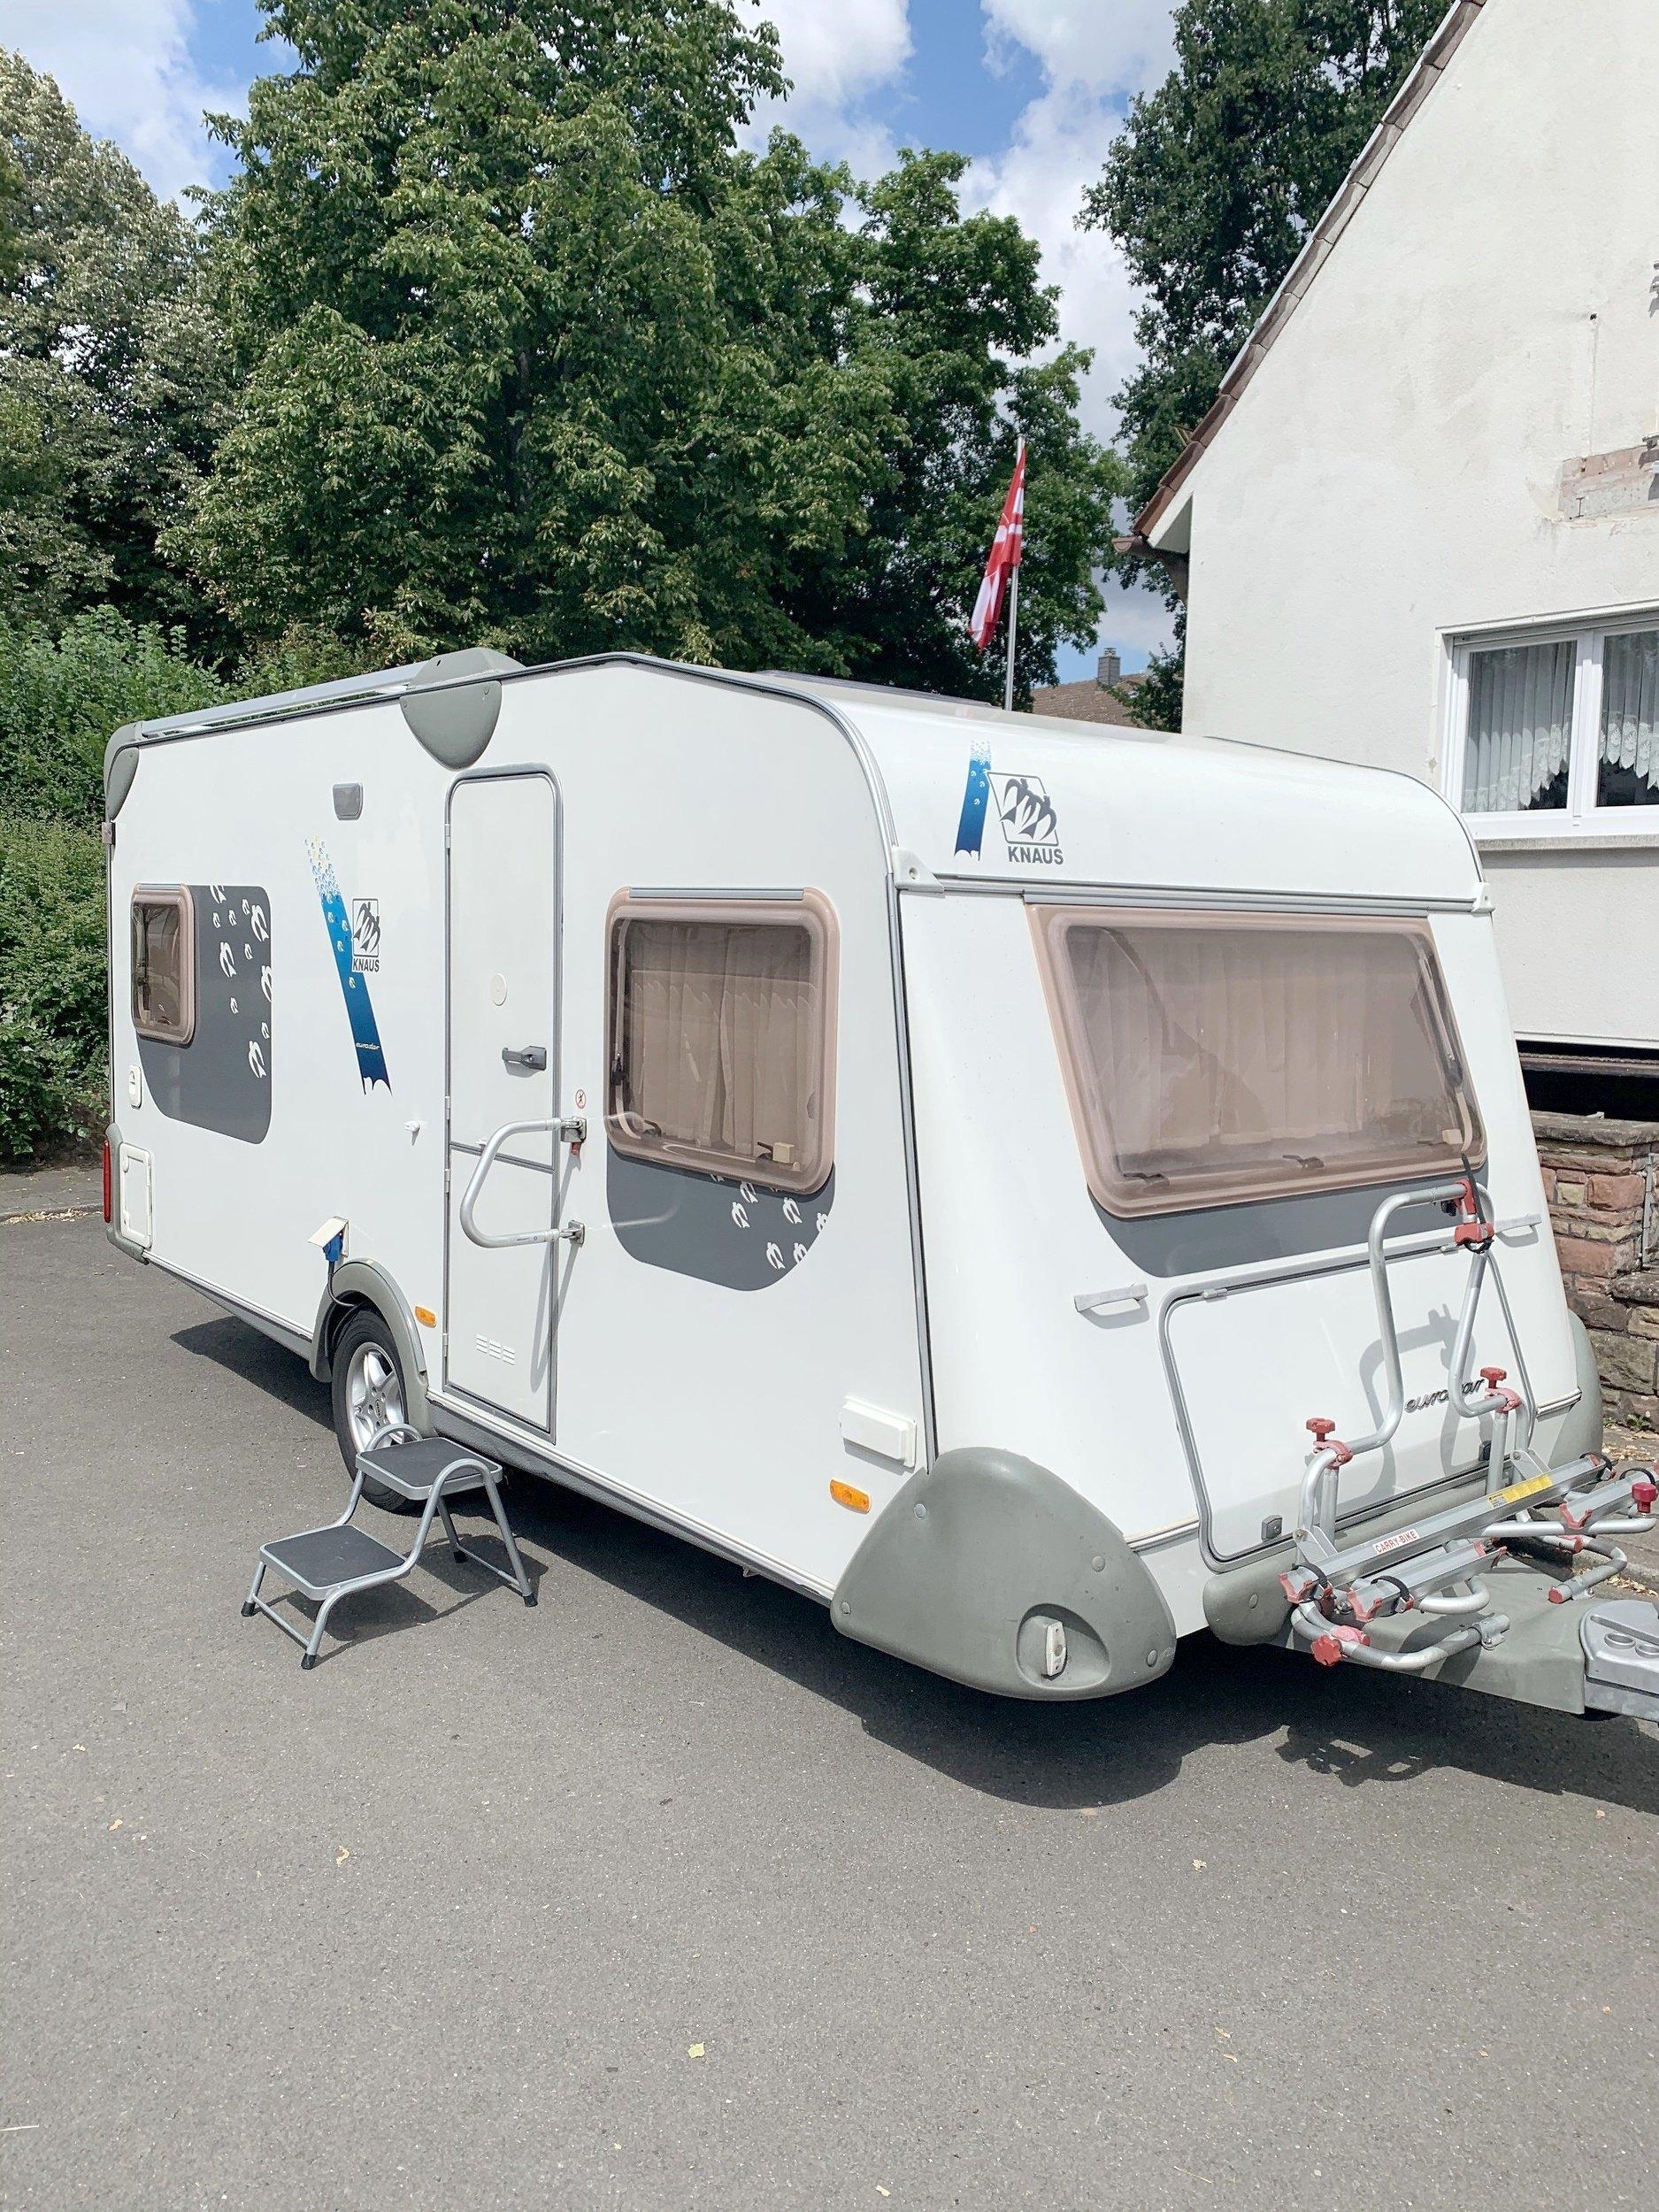 Modell: Knaus Eurostar 10 TF